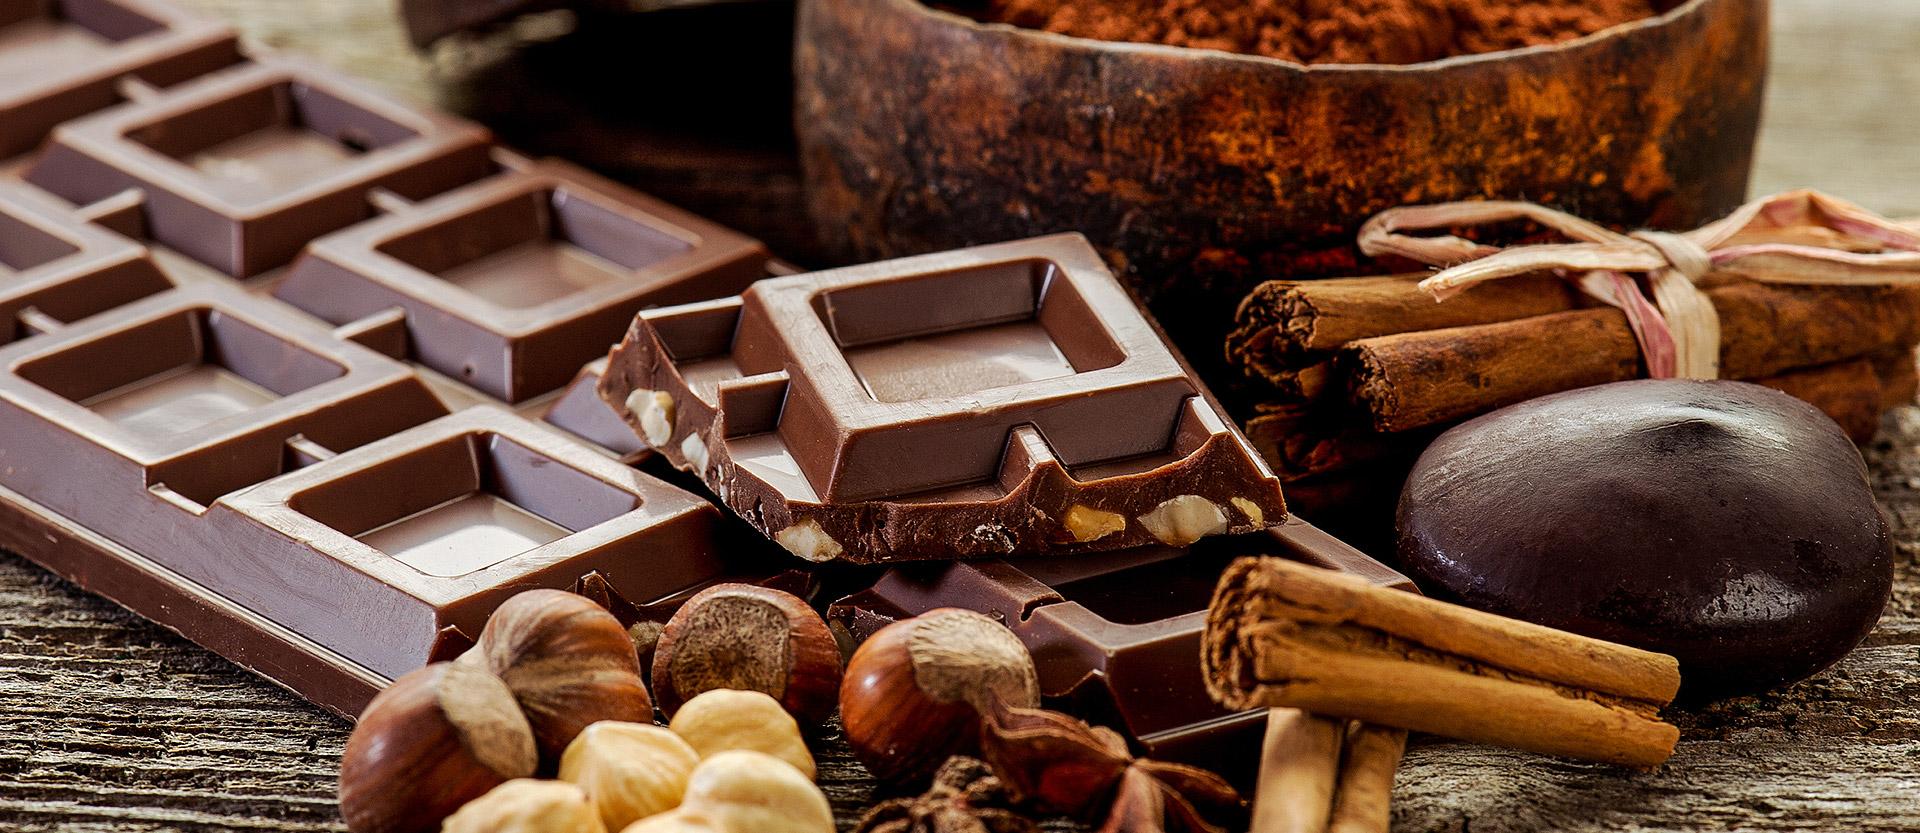 cioccolato e frutta secca - giovanna pitotti biologo nutrizionista